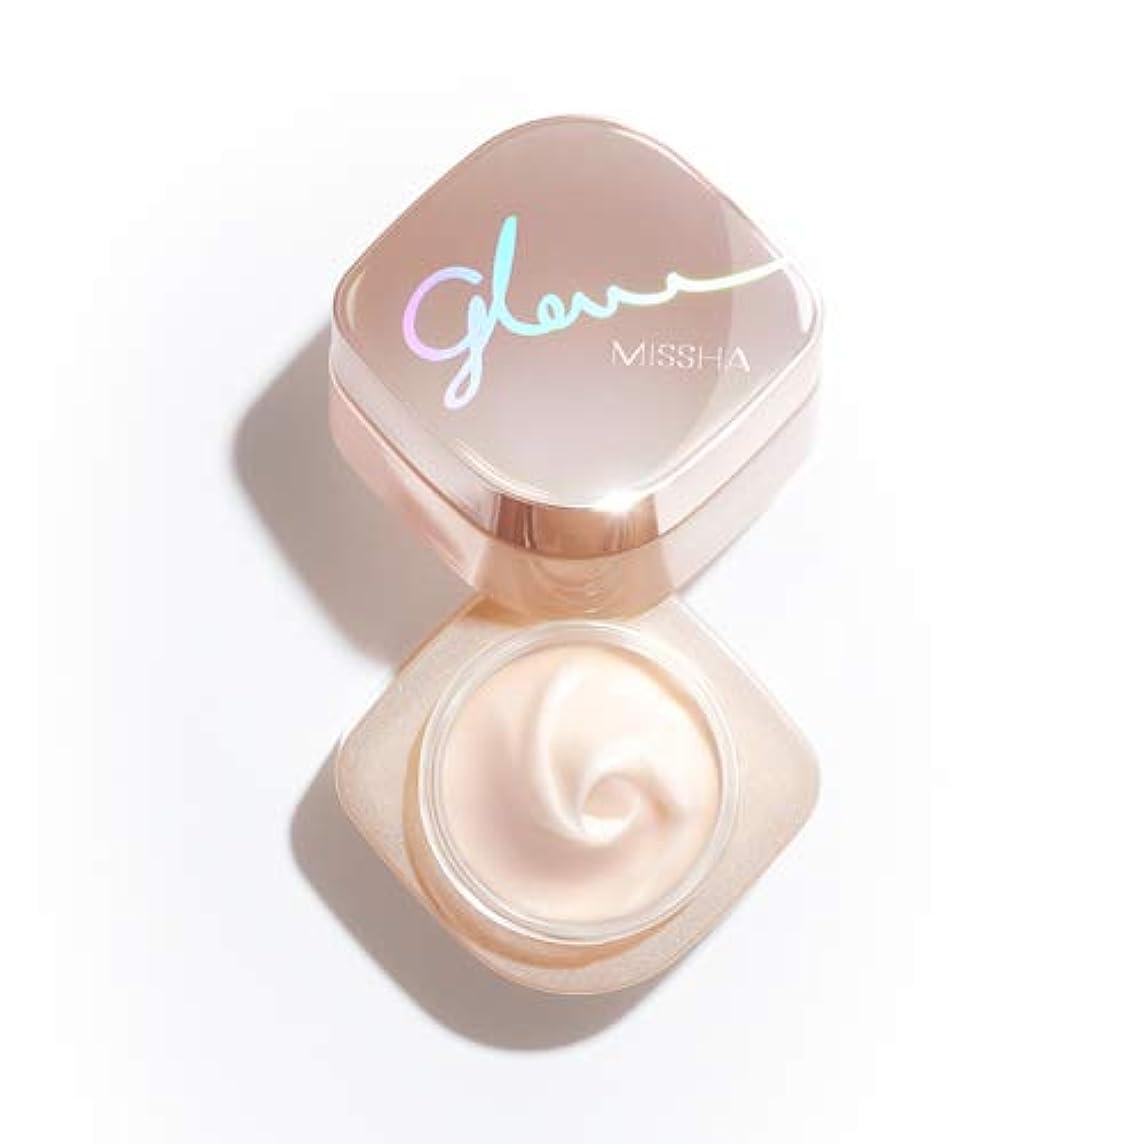 ネズミ電球振り返るミシャ グロースキンバーム/MISSHA Glow Skin Balm 50ml [並行輸入品]